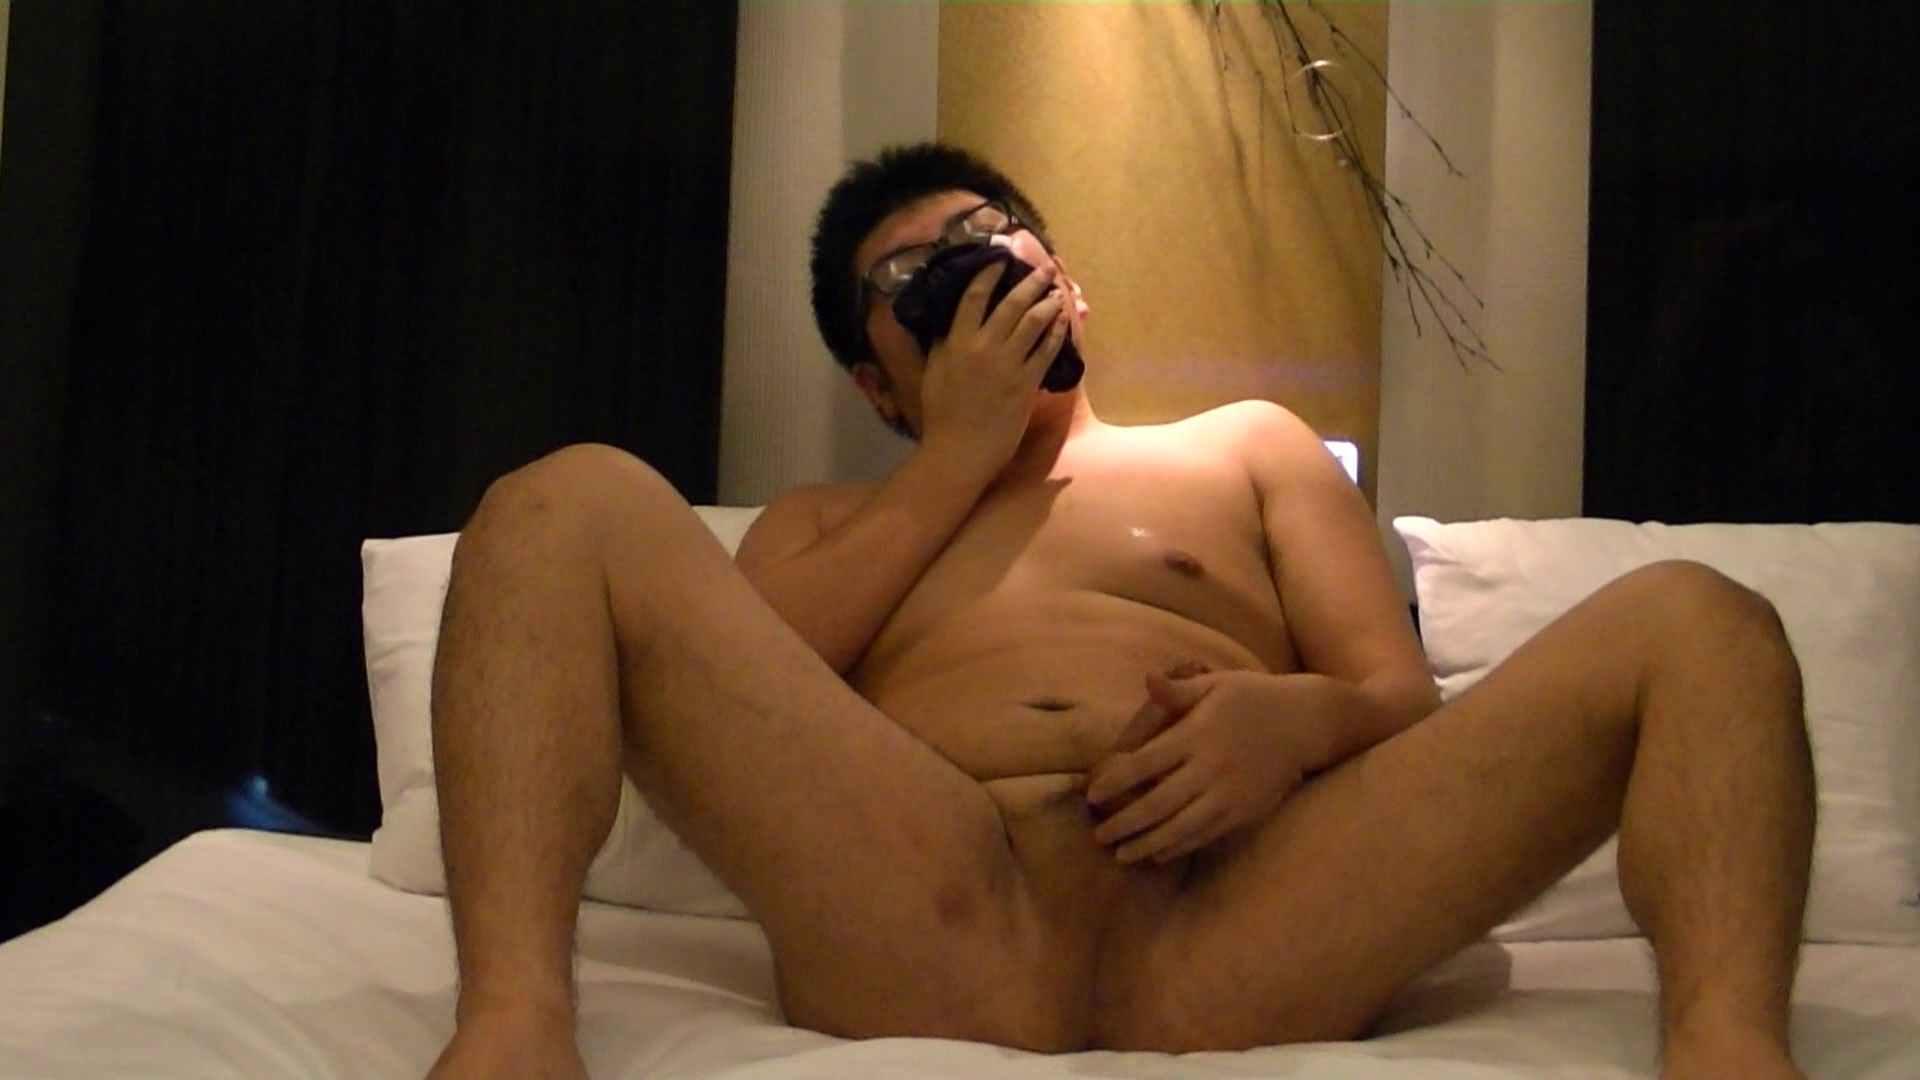 ゲイザーメン動画|Mr.オナックスさん投稿!HD 貴方のオナニー三万円で撮影させてください。VOL.02 前編|オナニー